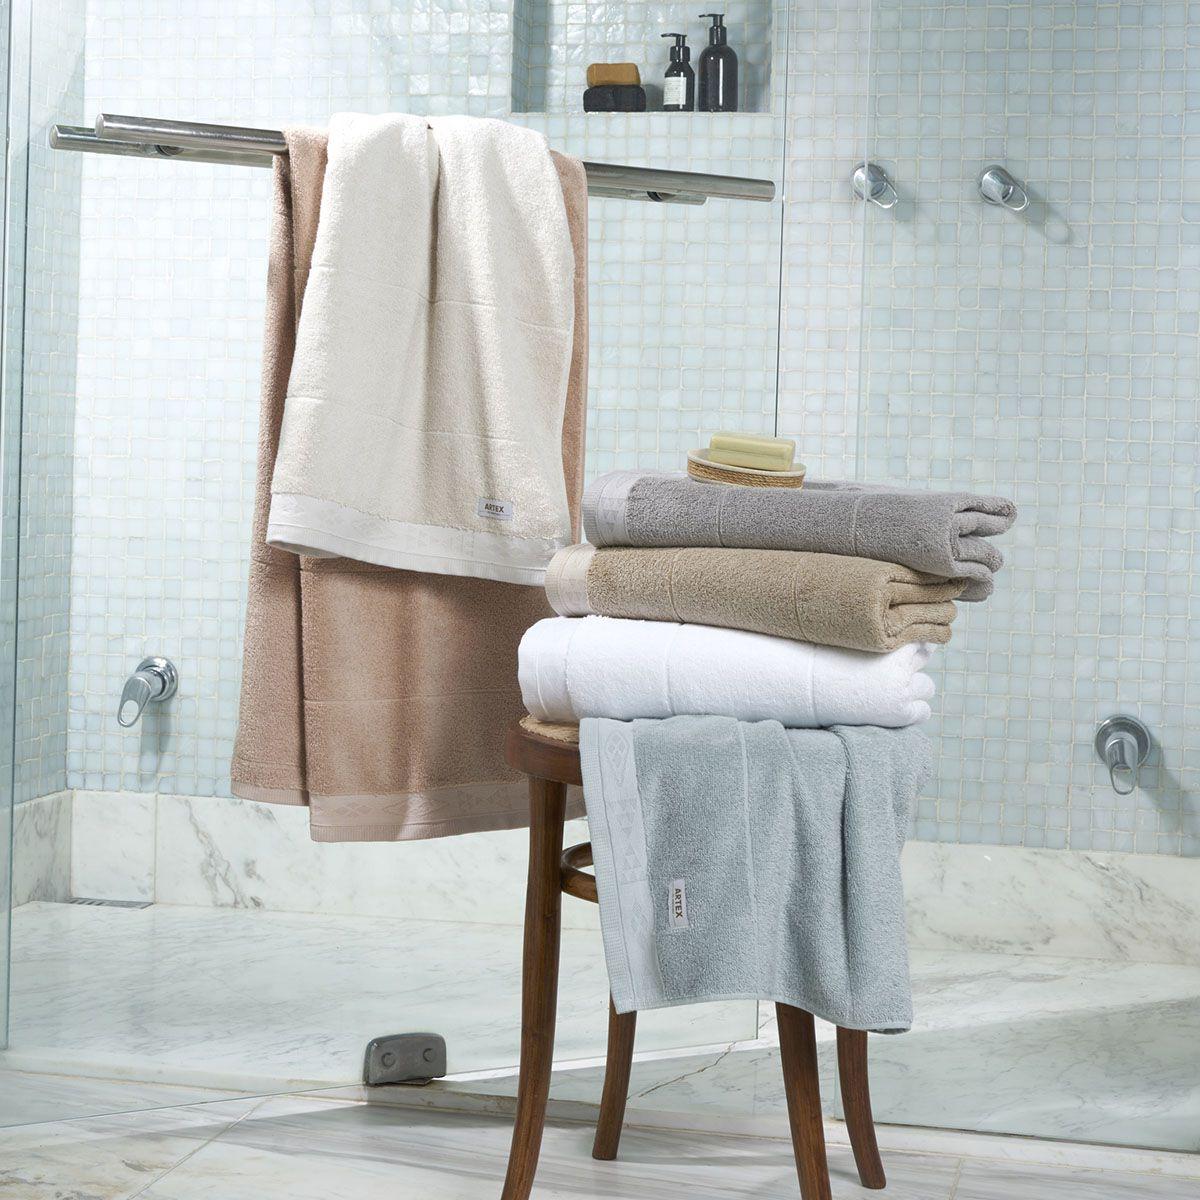 Toalha de Banho - Le Bain - Kilim - Fio Penteado - 100% Algodão - Artex